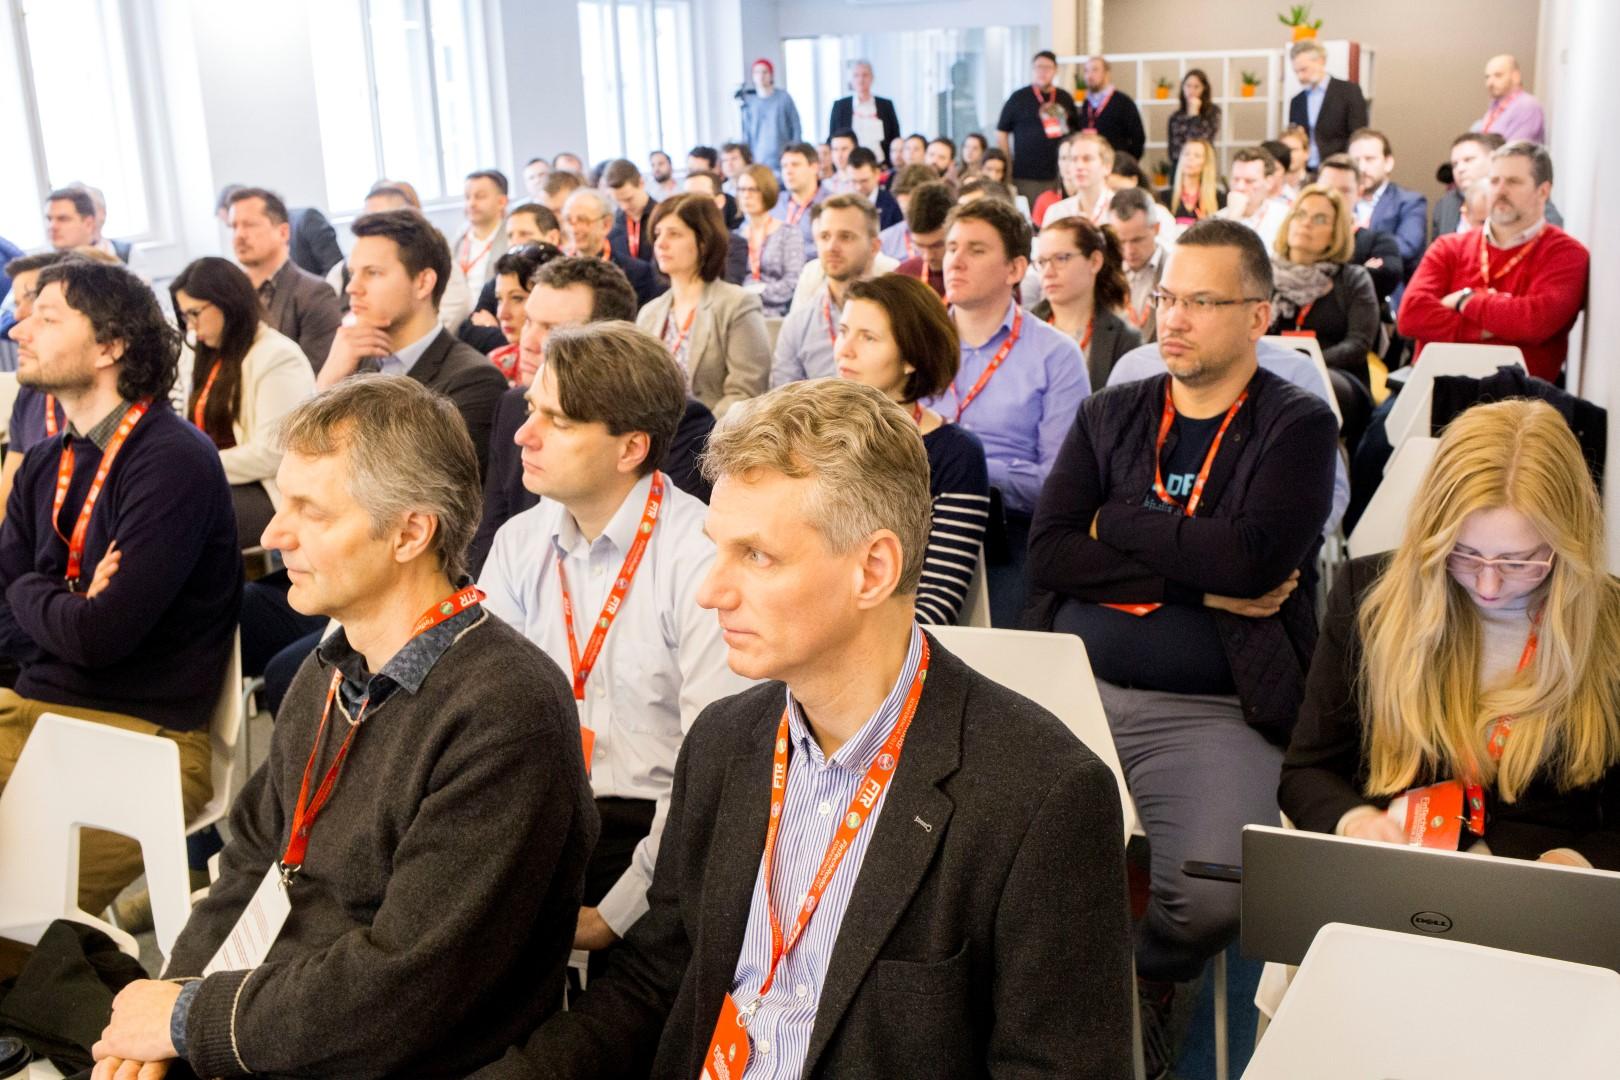 Így néz ki, amikor sok ember fintech előadást hallgat (Fotó: Pál Anna Viktória / FTR)